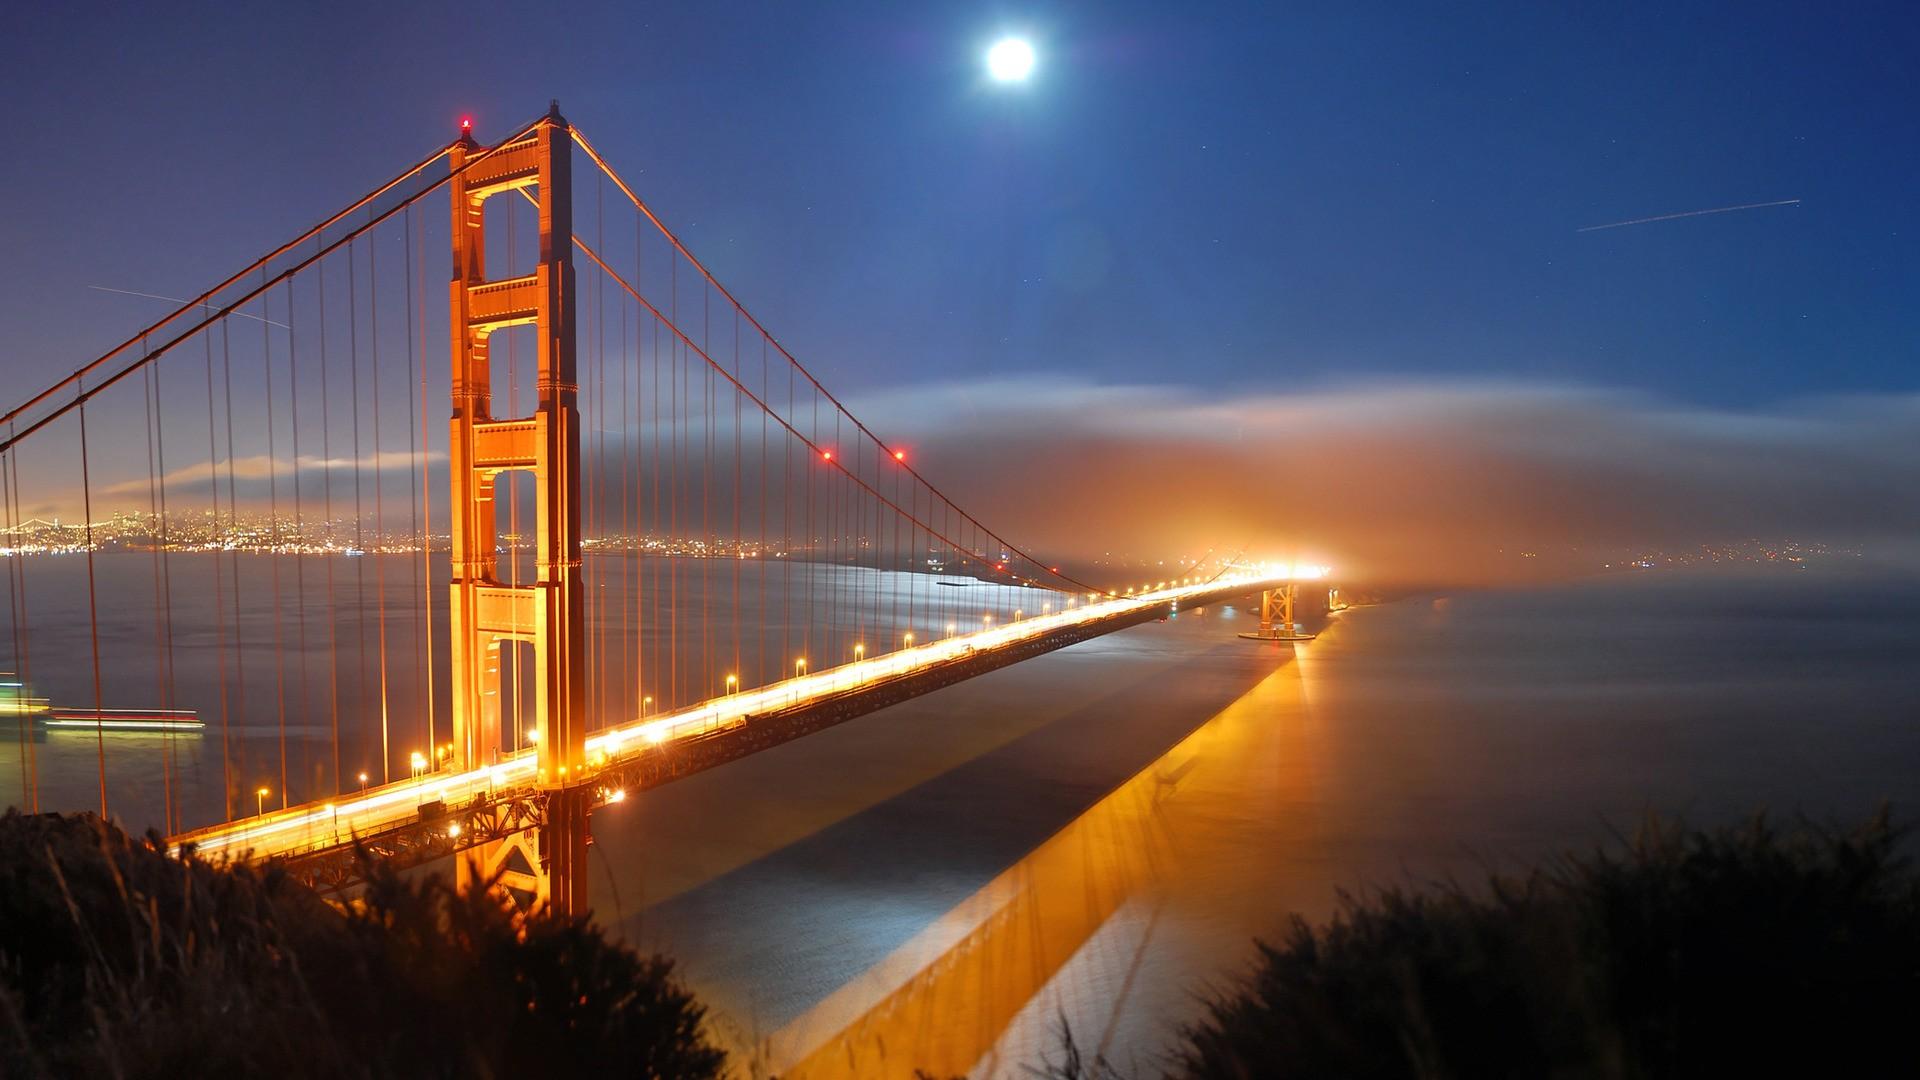 Landscapes Cityscapes Bridges Golden Gate Bridge San